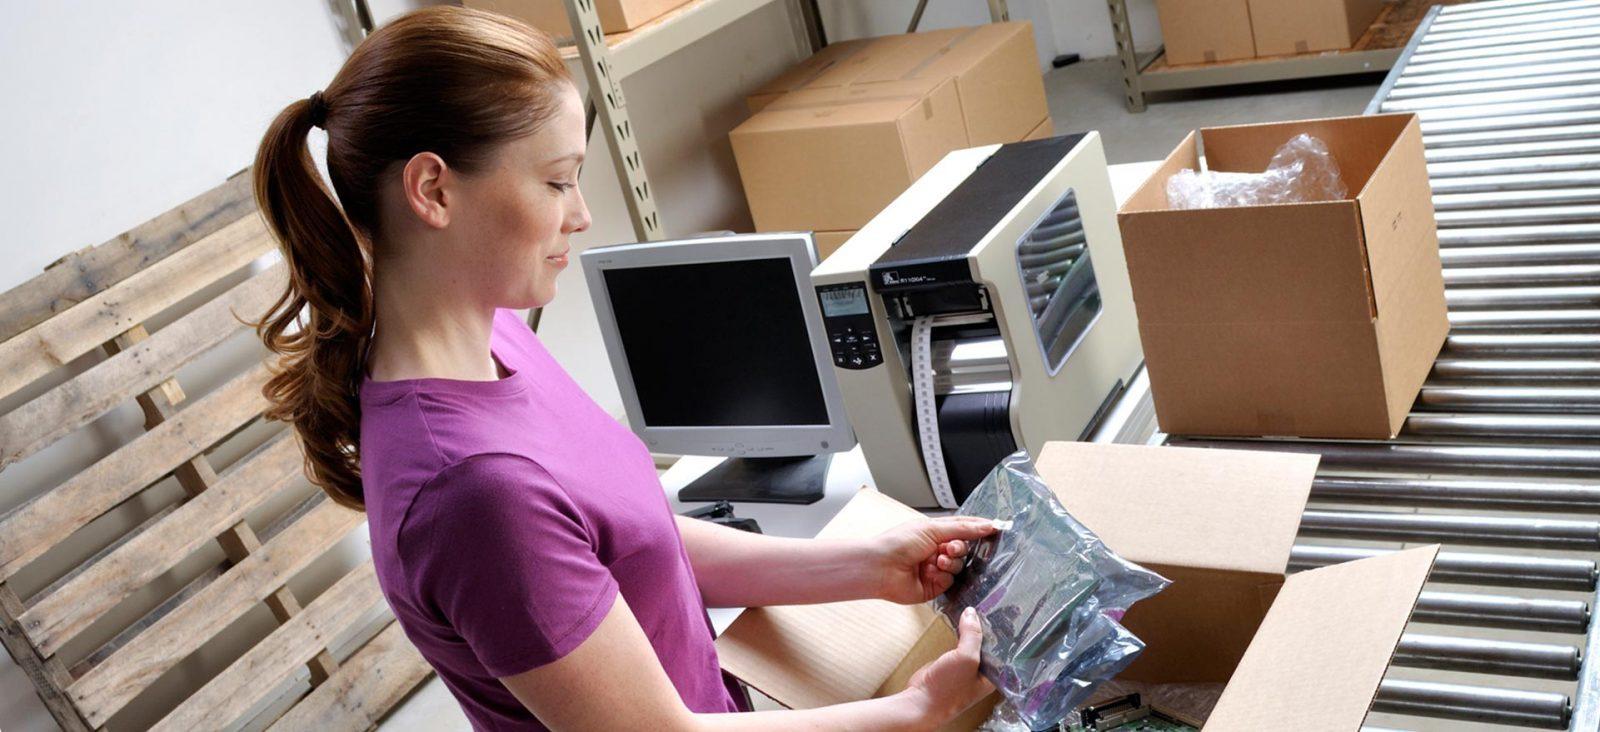 KFI industrial printers